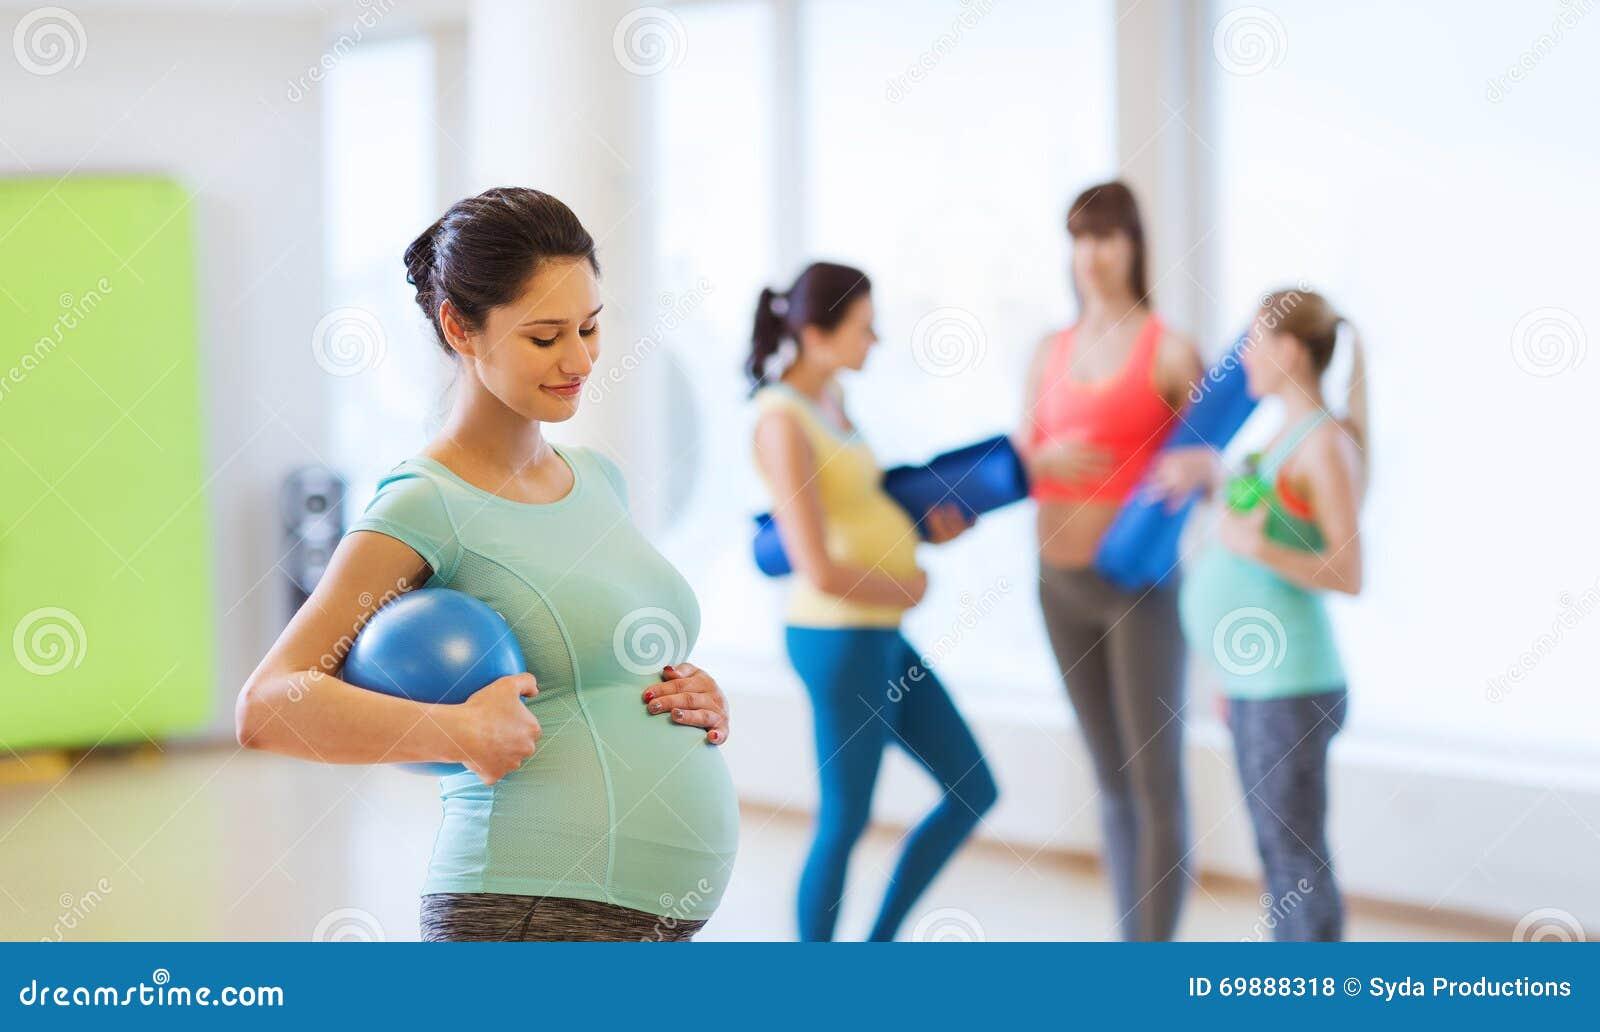 femme enceinte heureuse avec la boule dans le gymnase photo stock image 69888318. Black Bedroom Furniture Sets. Home Design Ideas